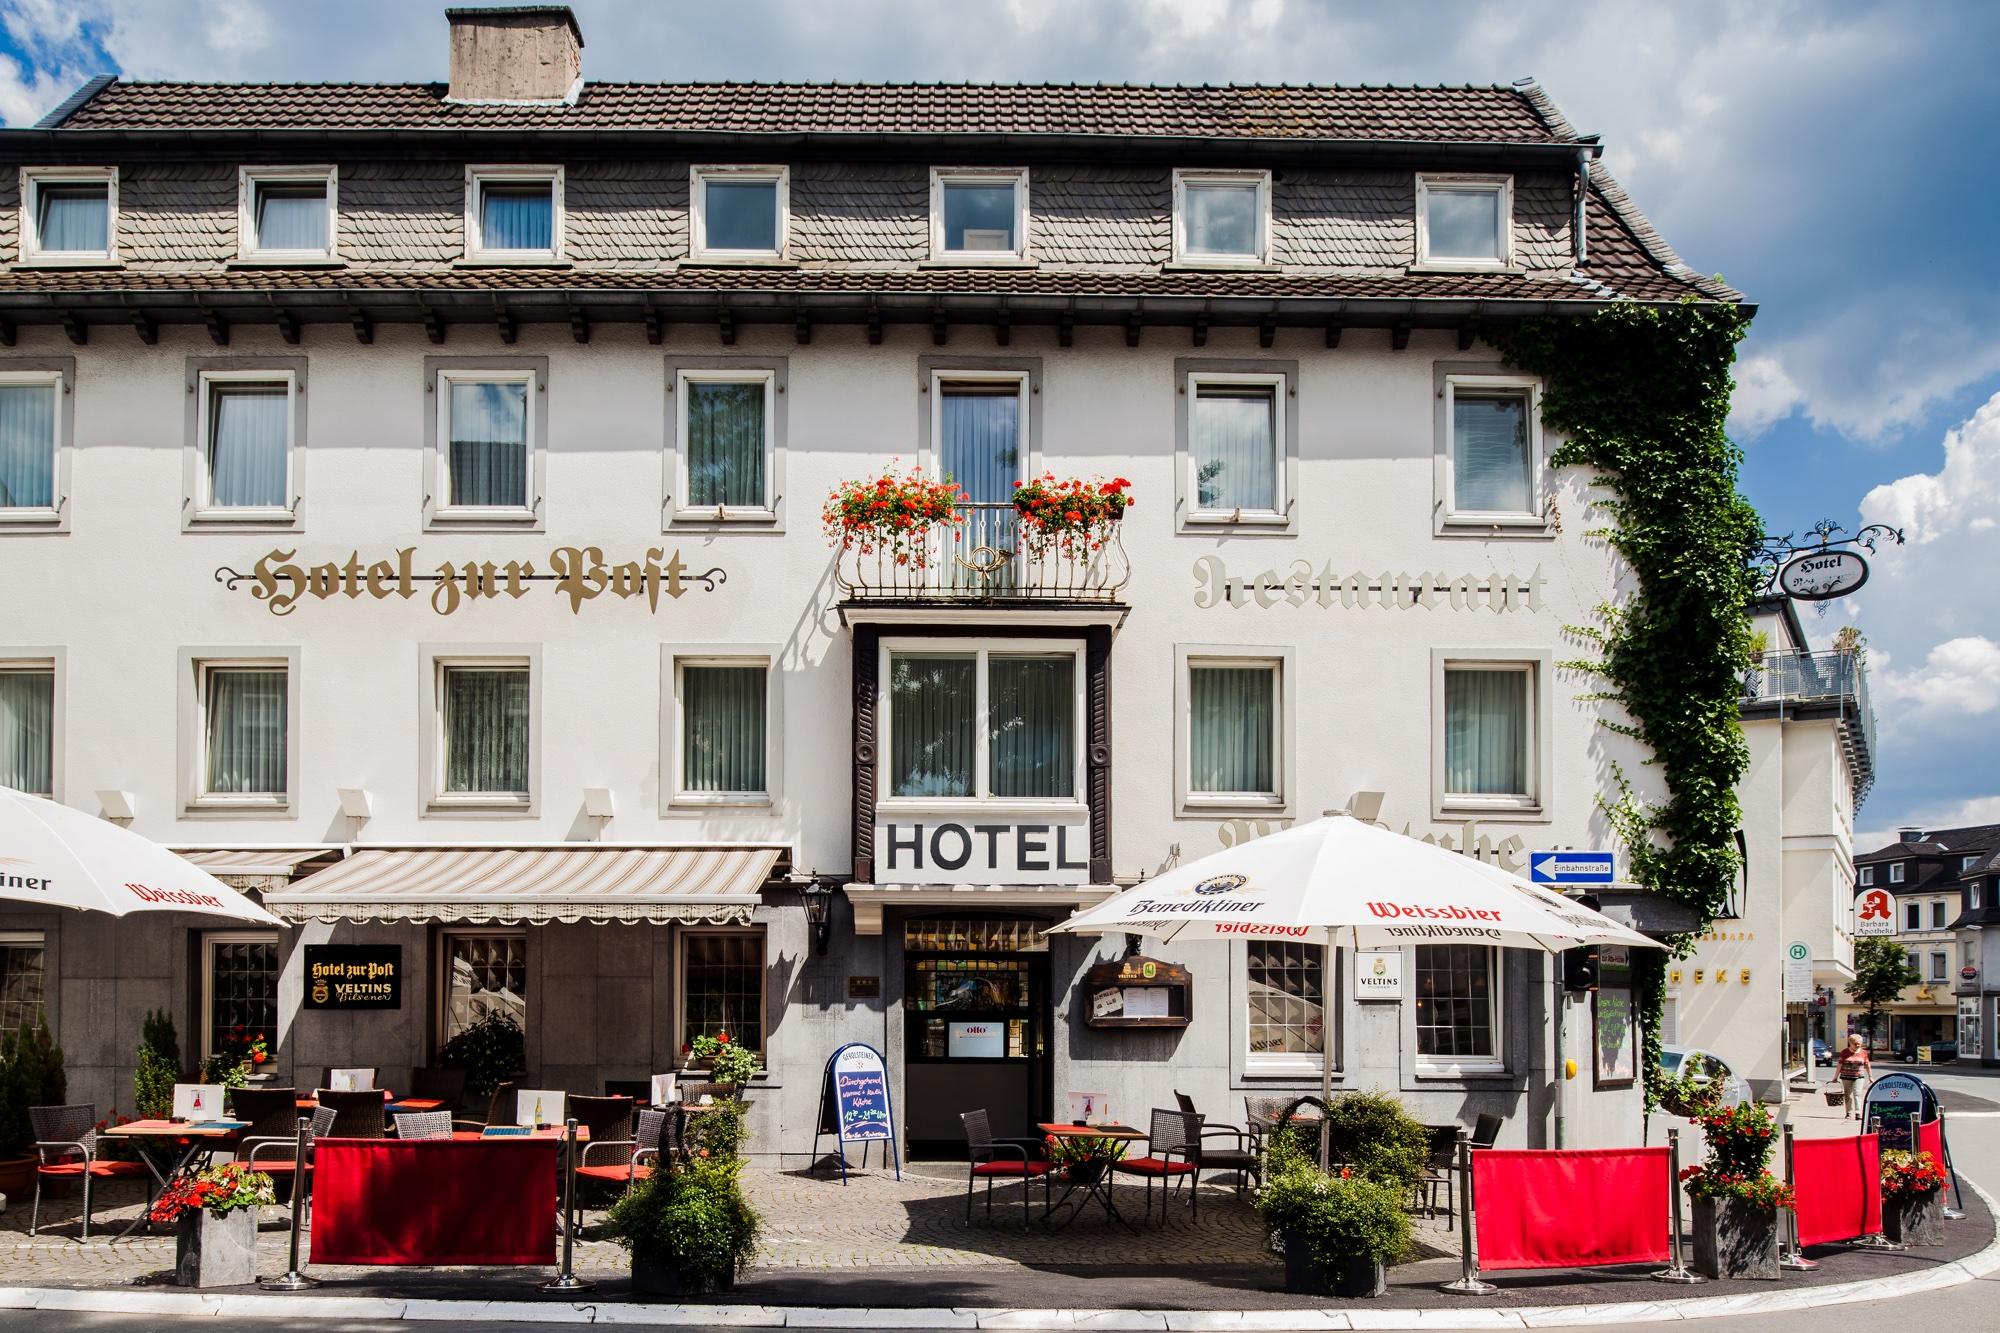 Hotel zur Post - Attendorn - Außenansicht - Biergarten